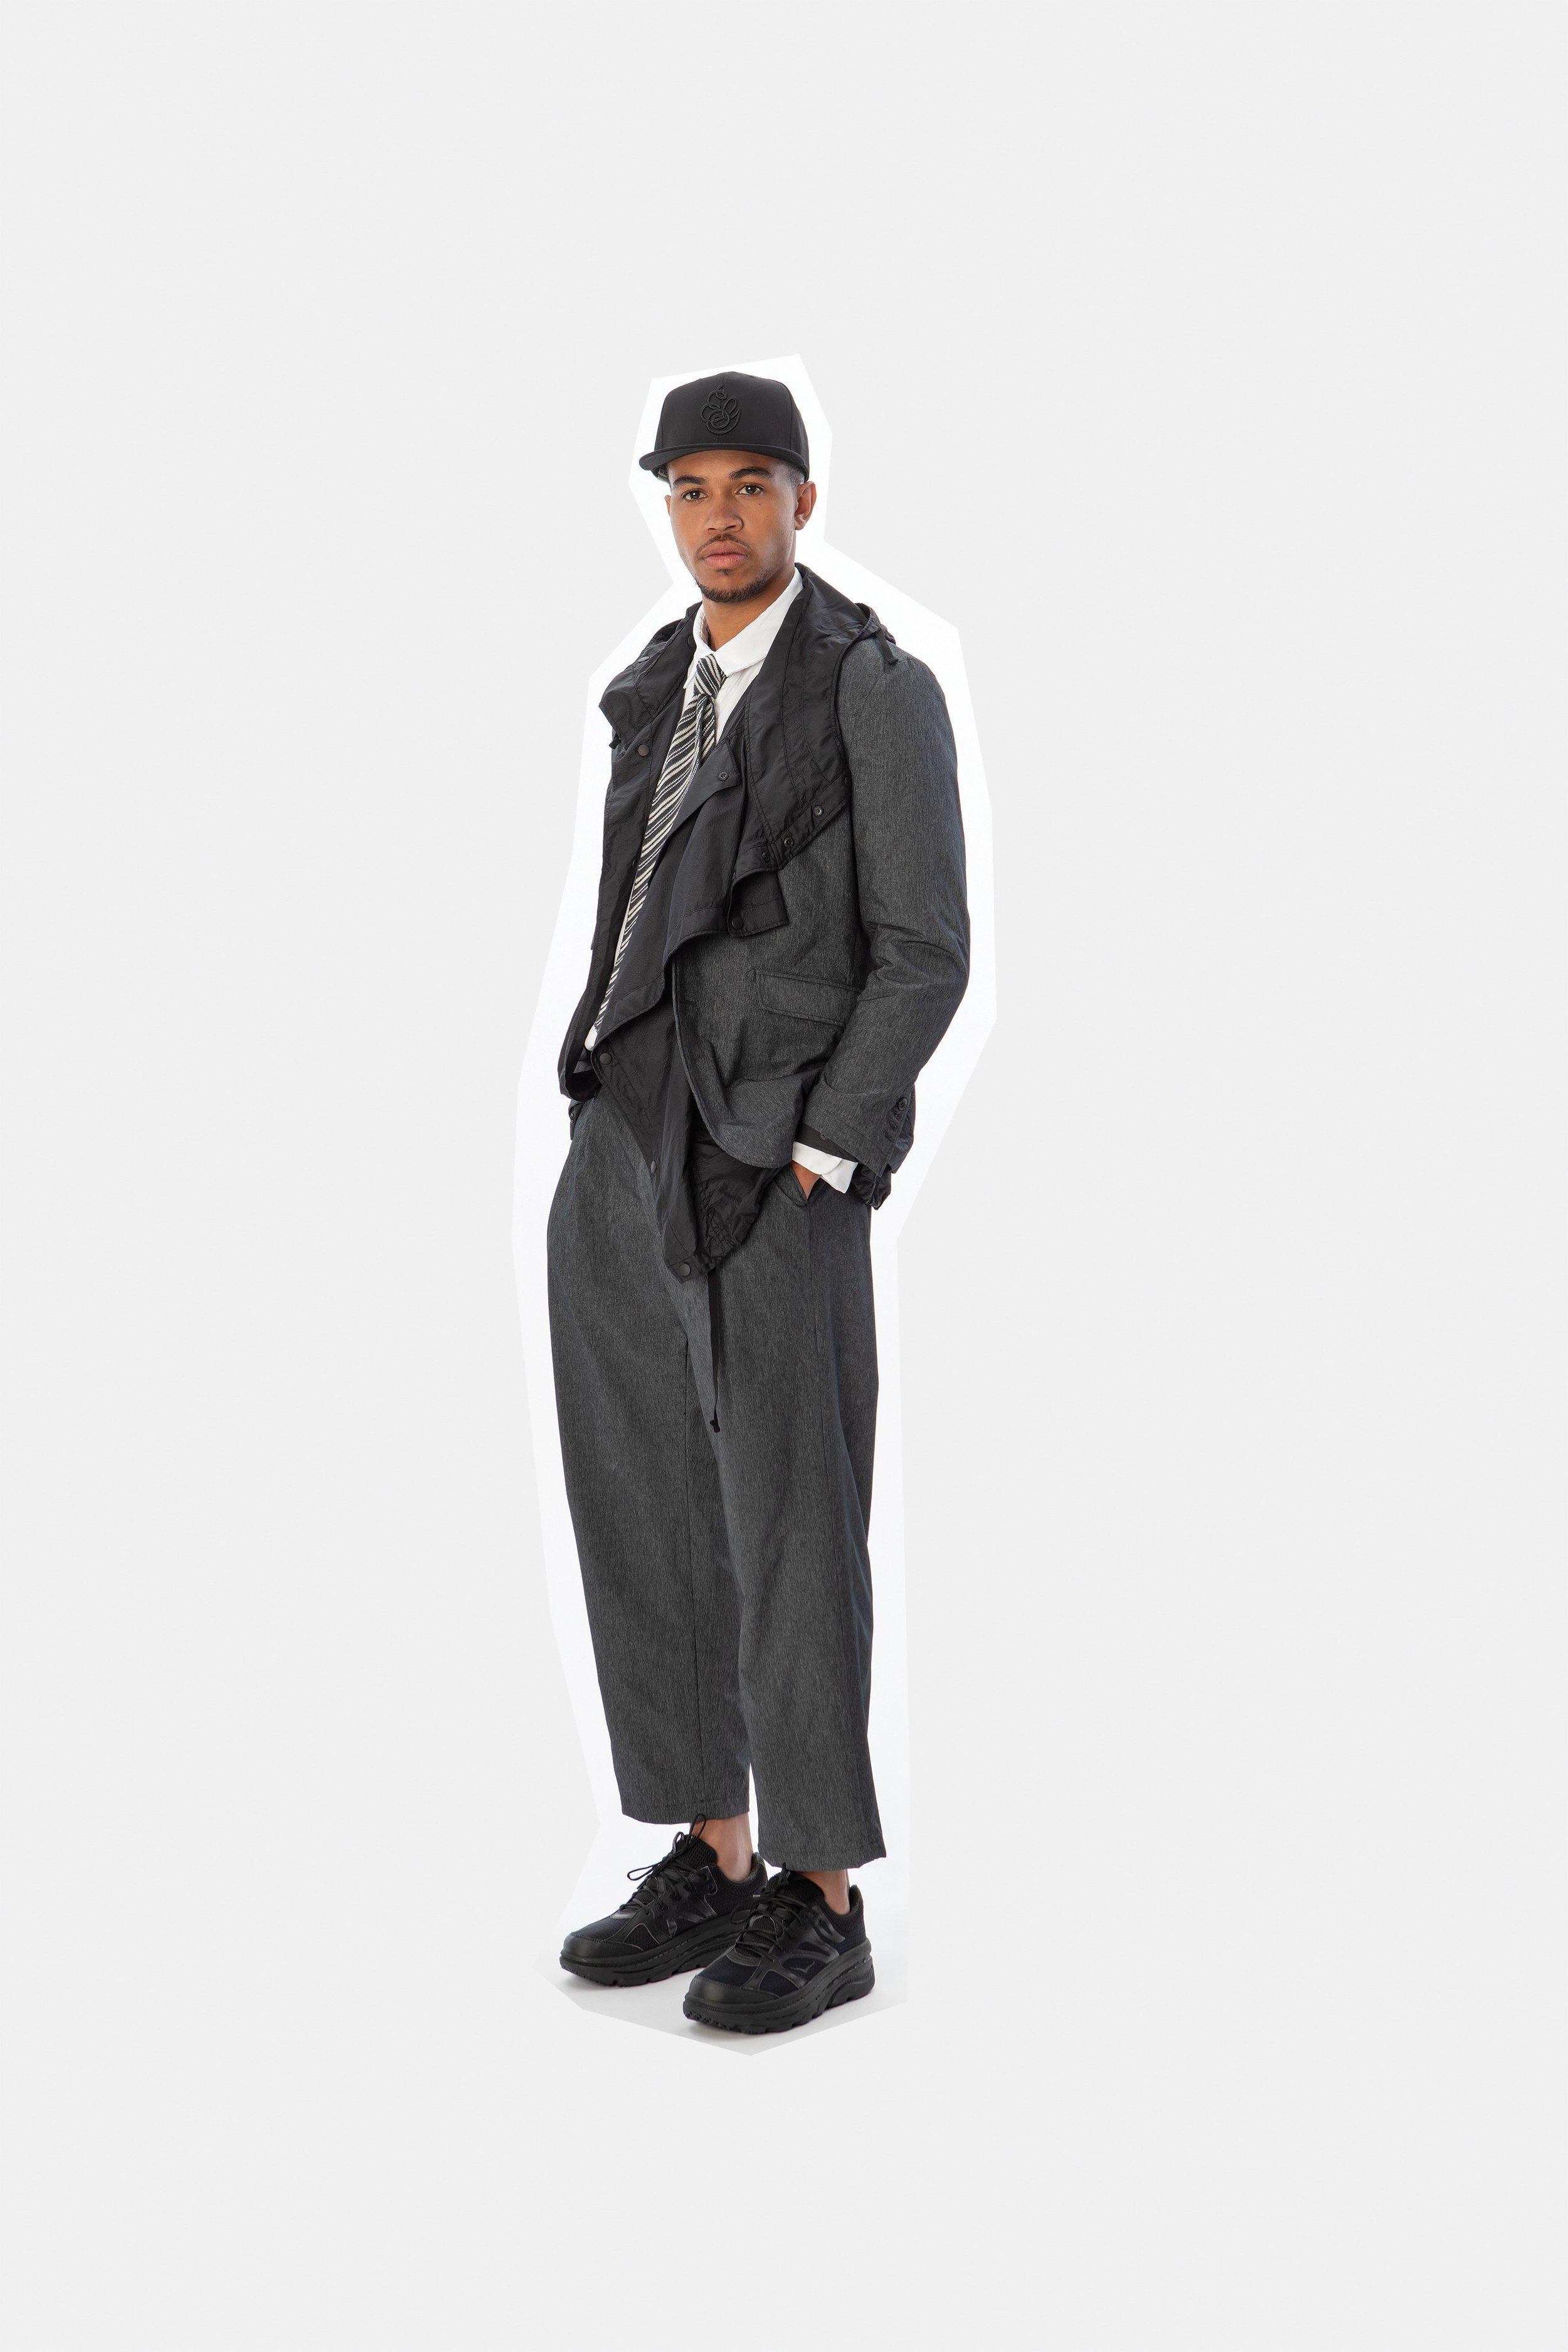 00032-Engineered-Garments-Mens-Spring-2020.jpg